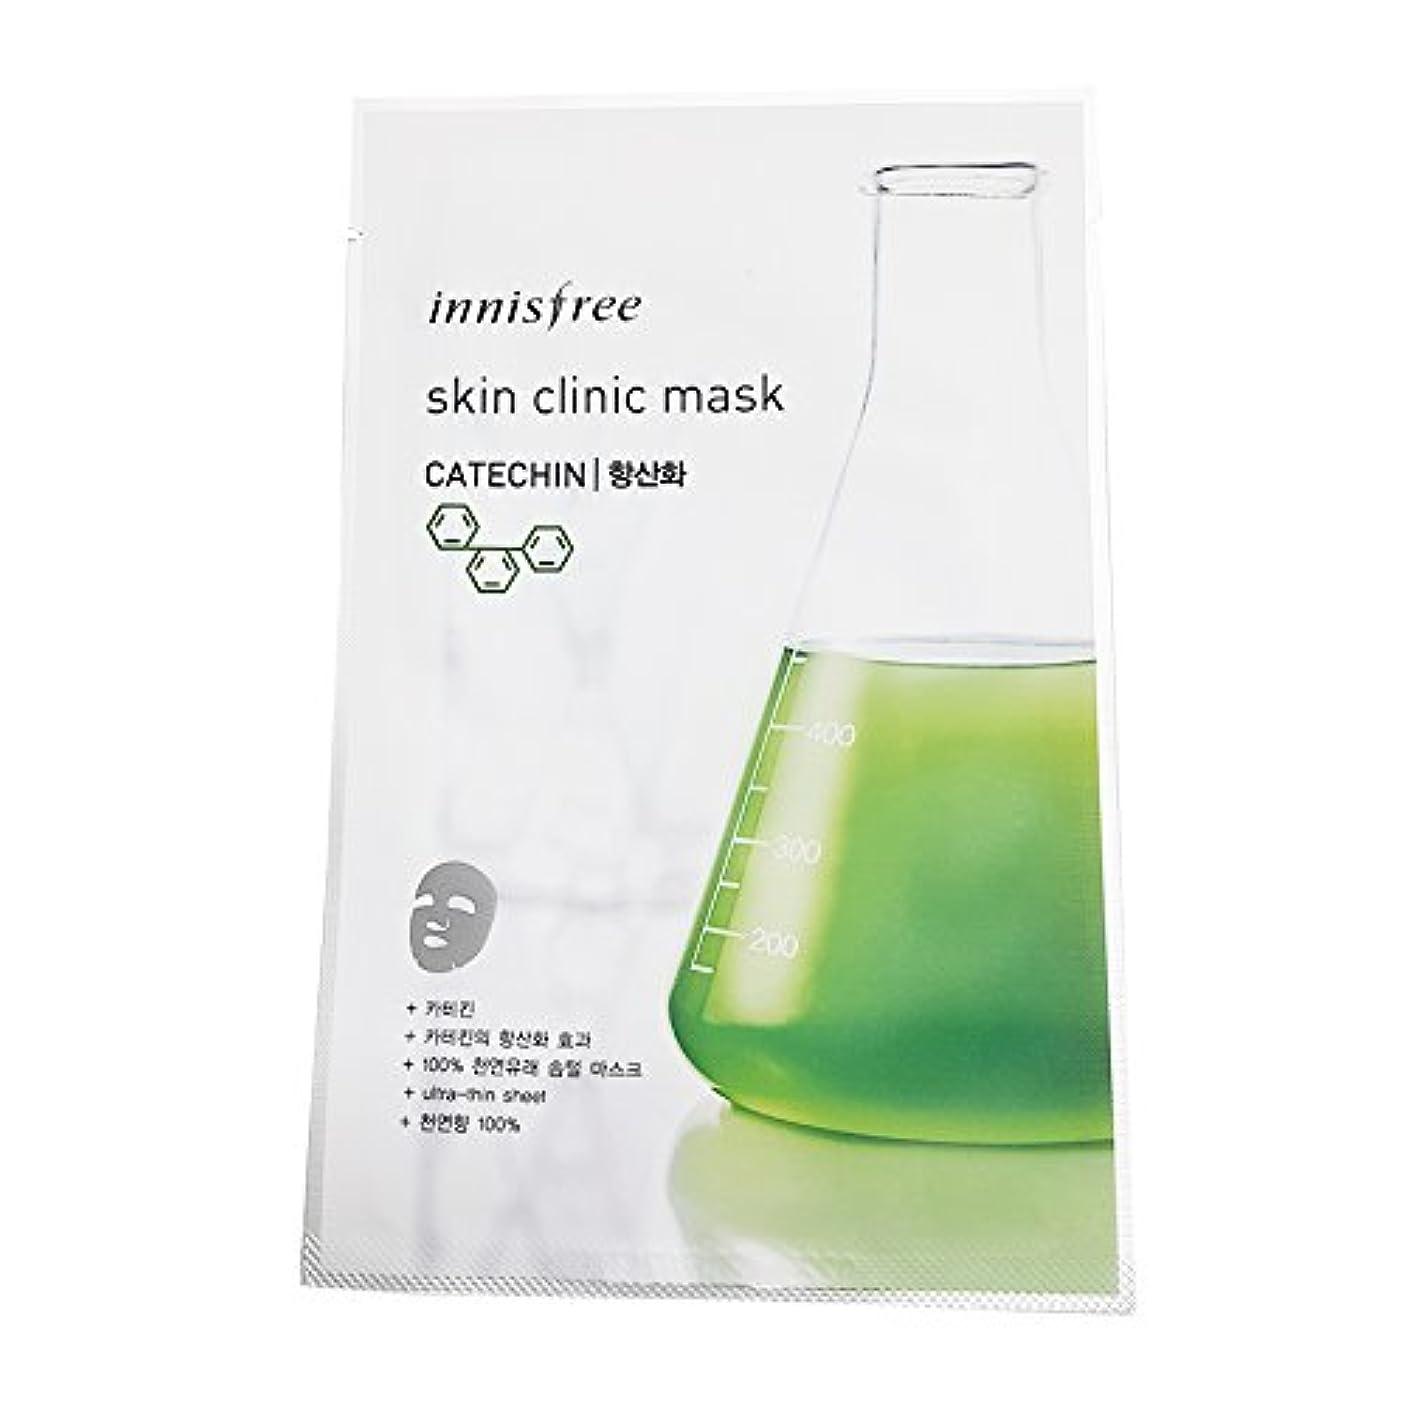 エーカーキャラバンスイング[イニスプリー] Innisfree スキンクリニックマスク(20ml)-カテキン(抗酸化用) Innisfree Skin Clinic Mask(20ml)-Catechin for Antioxidant Effect [海外直送品]